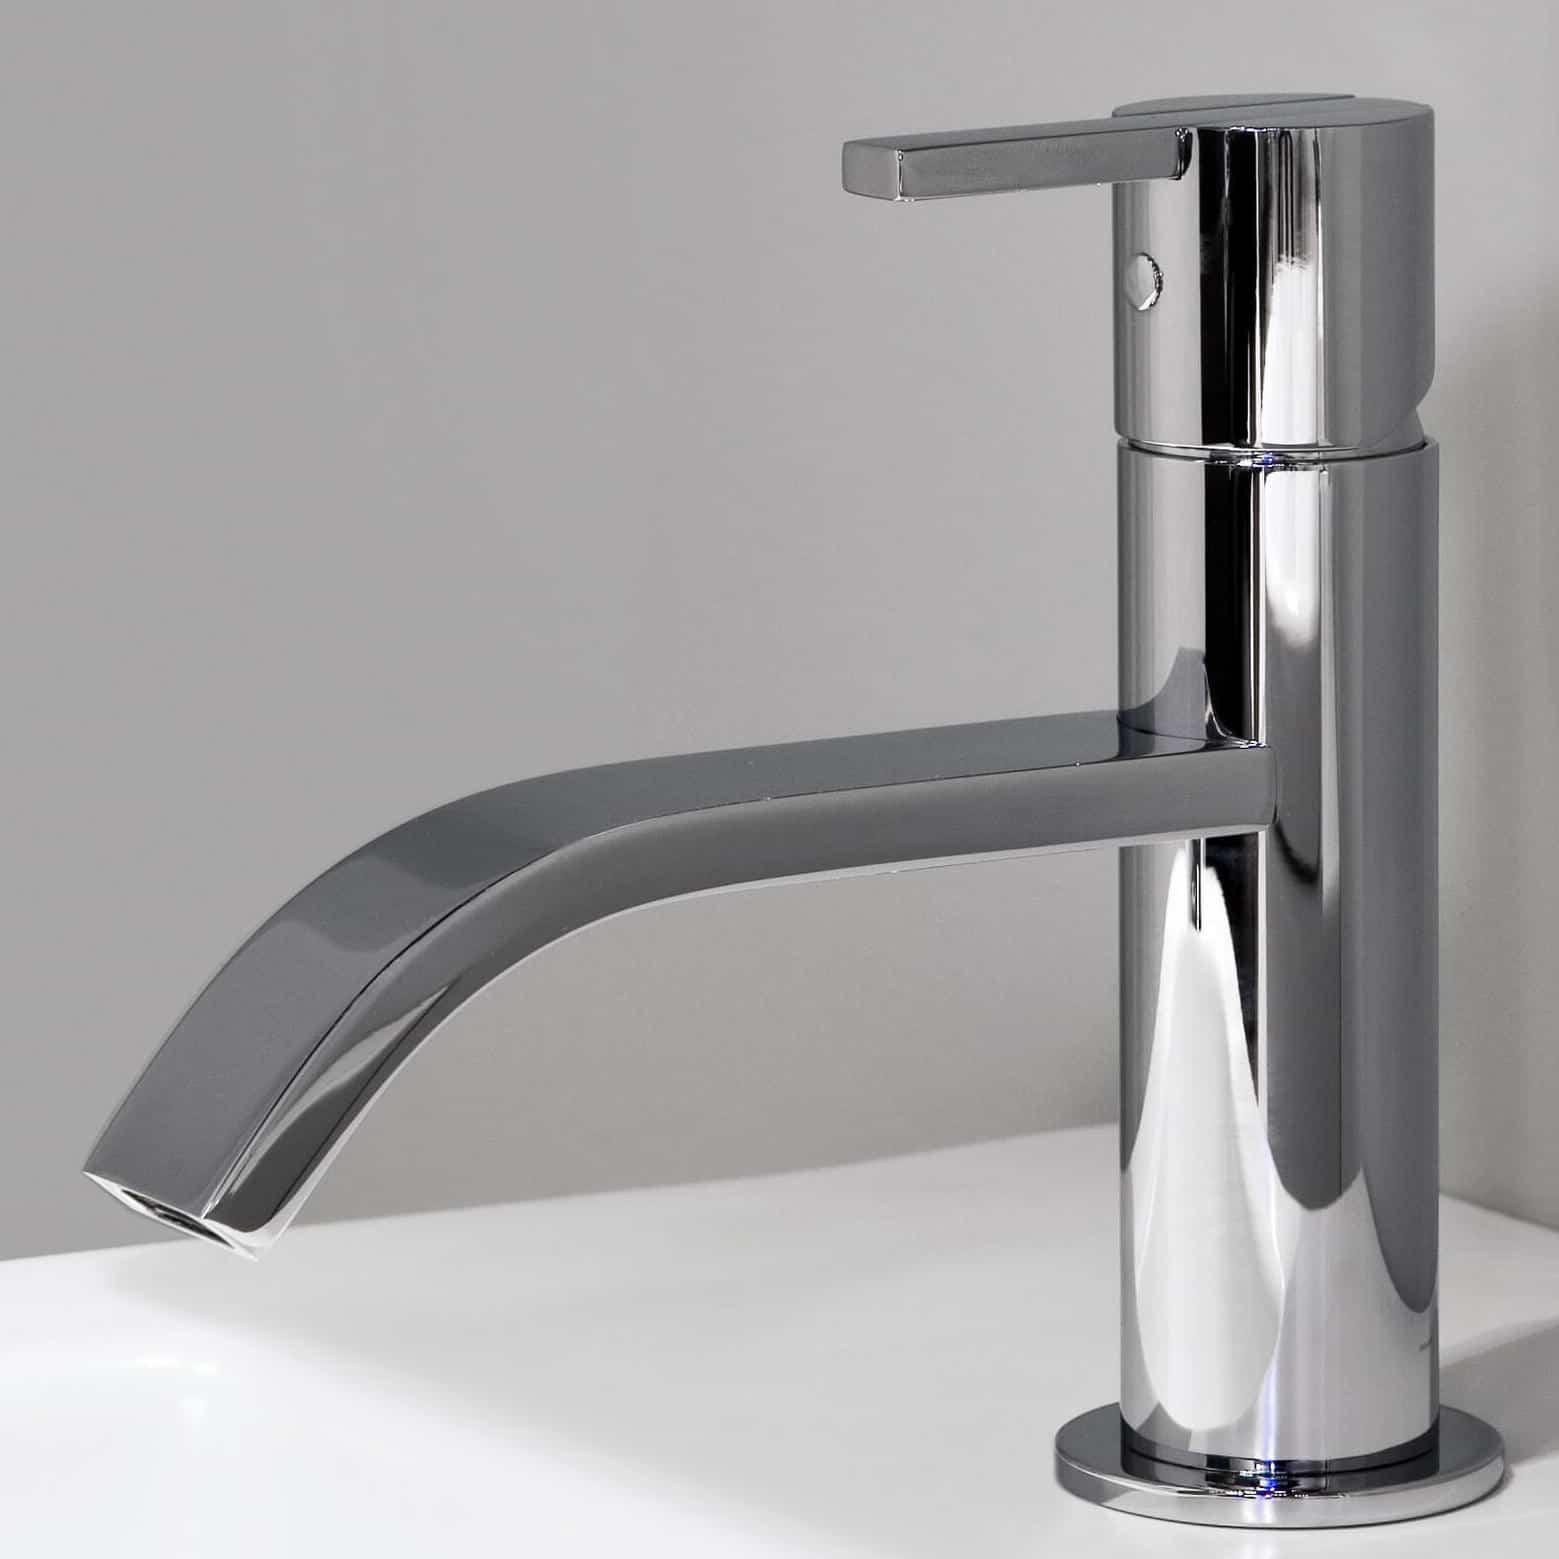 Rubinetteria bagno epm edilpiemme - Prezzi rubinetteria bagno cristina ...